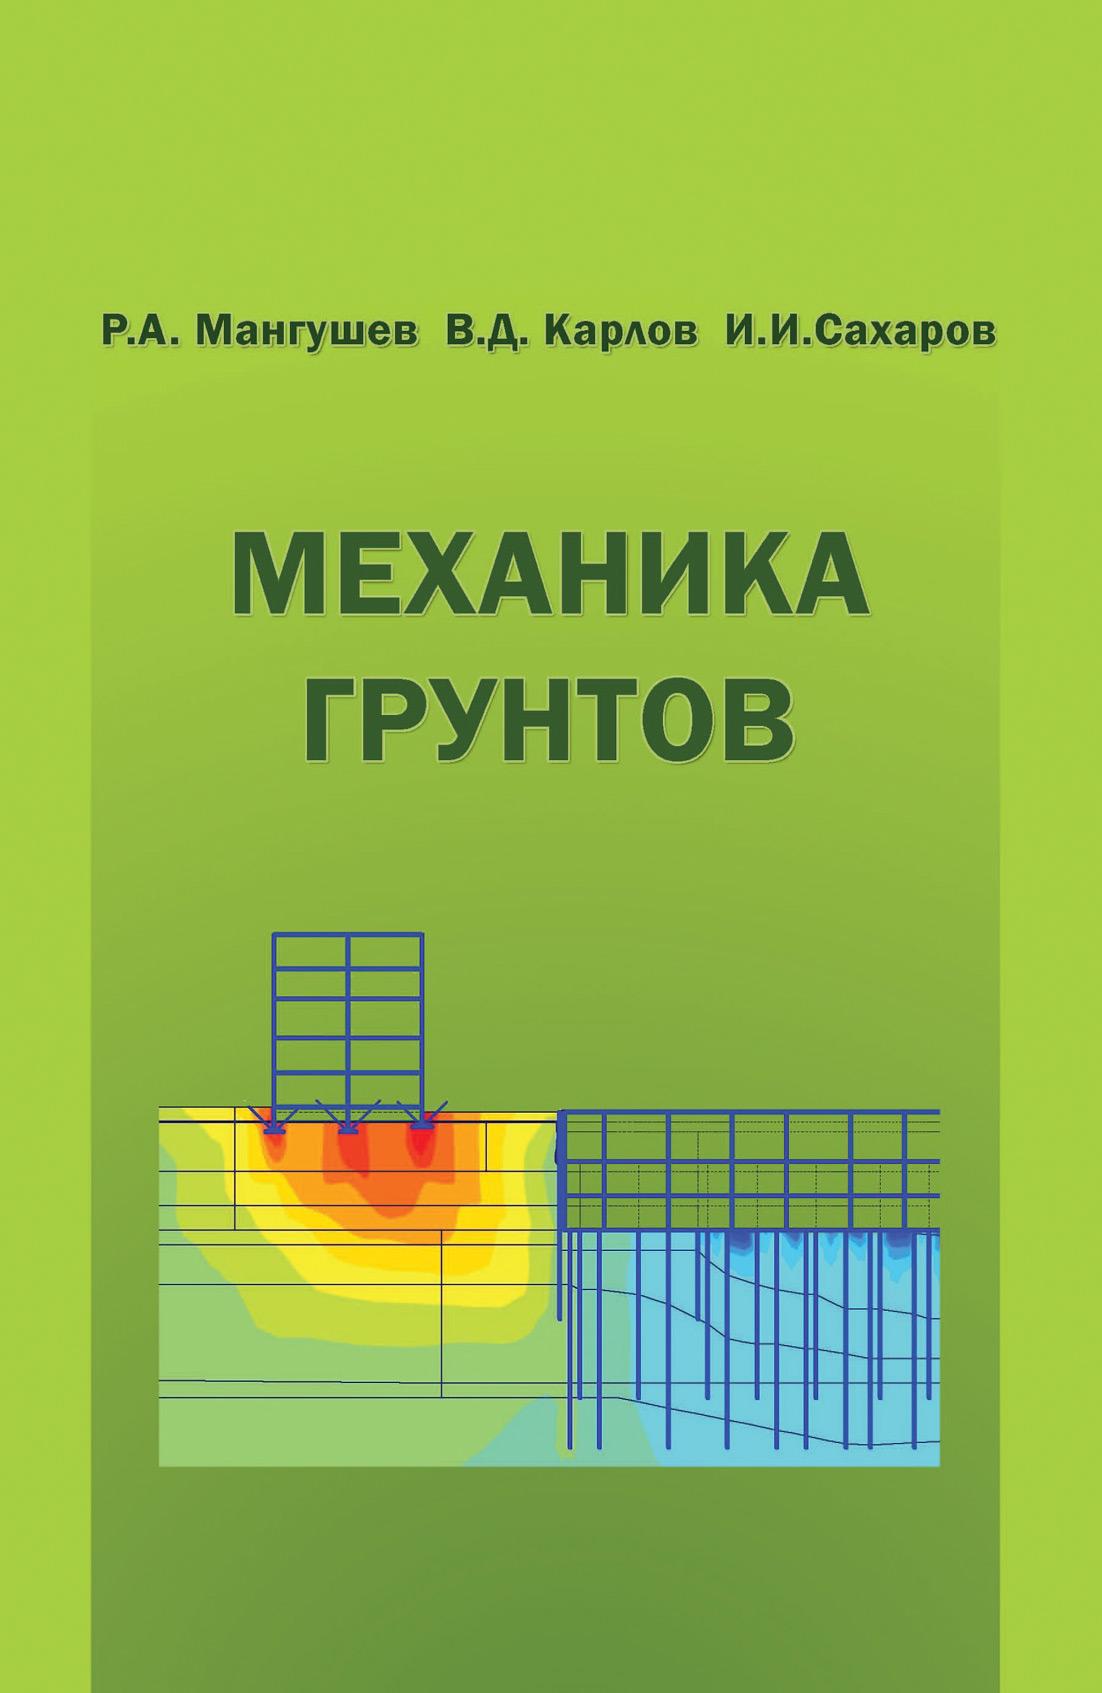 В. Д. Карлов Механика грунтов. Учебник в и мулин механика грунтов для инженеров строителей